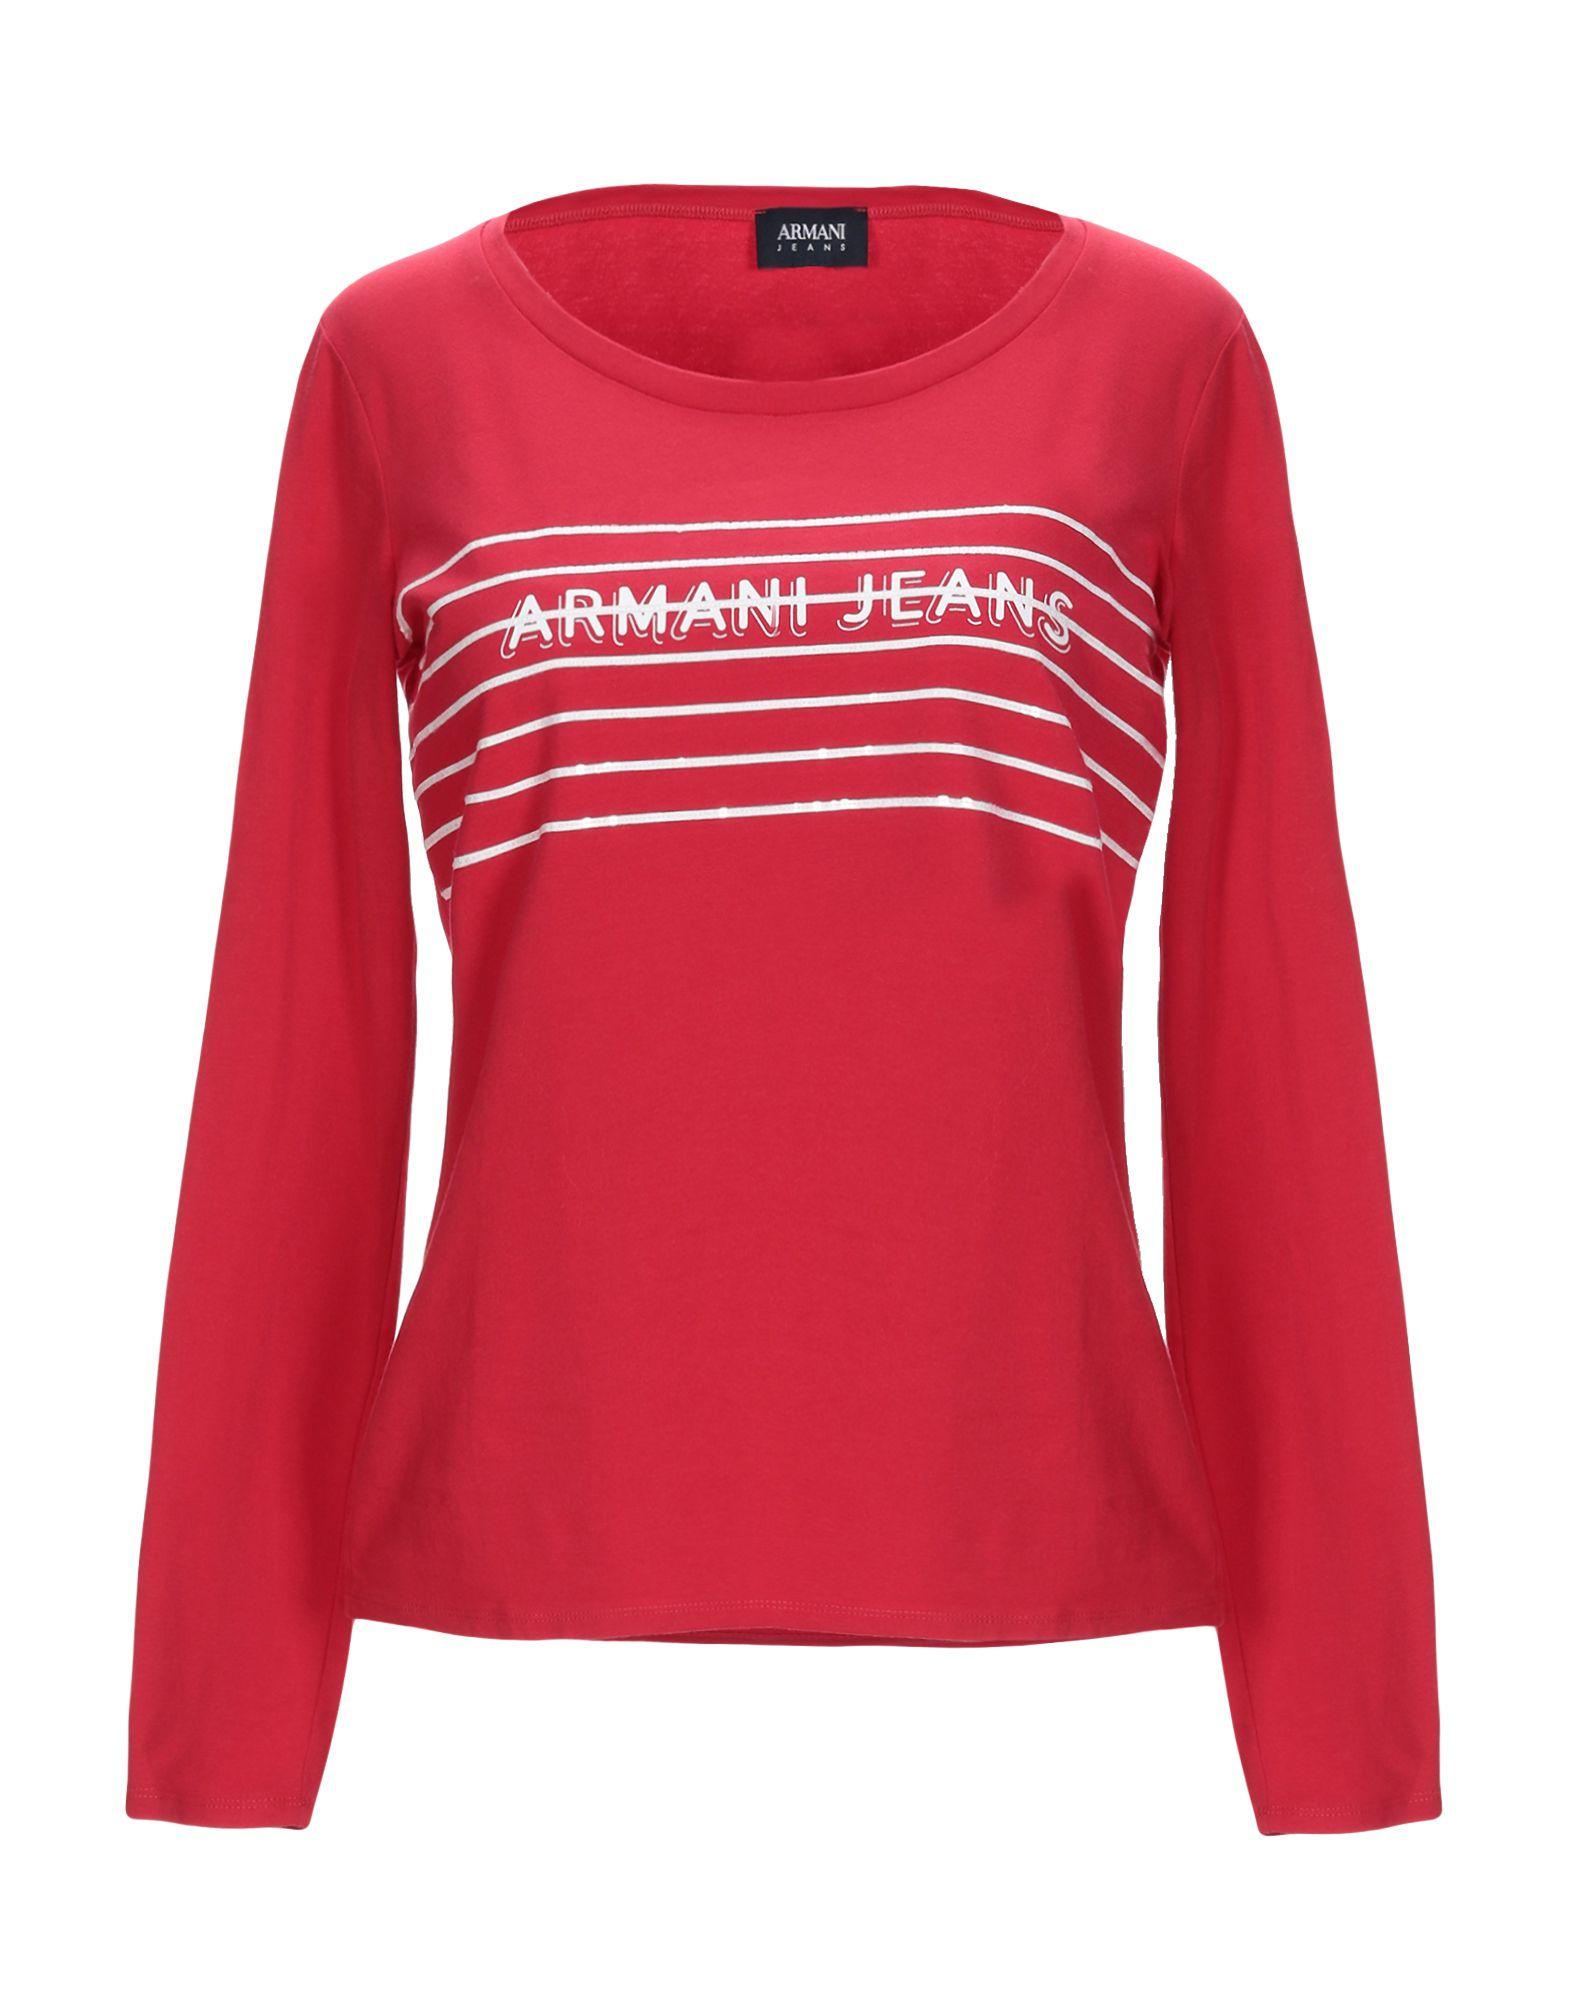 《送料無料》ARMANI JEANS レディース T シャツ レッド 38 コットン 95% / ポリウレタン 5%